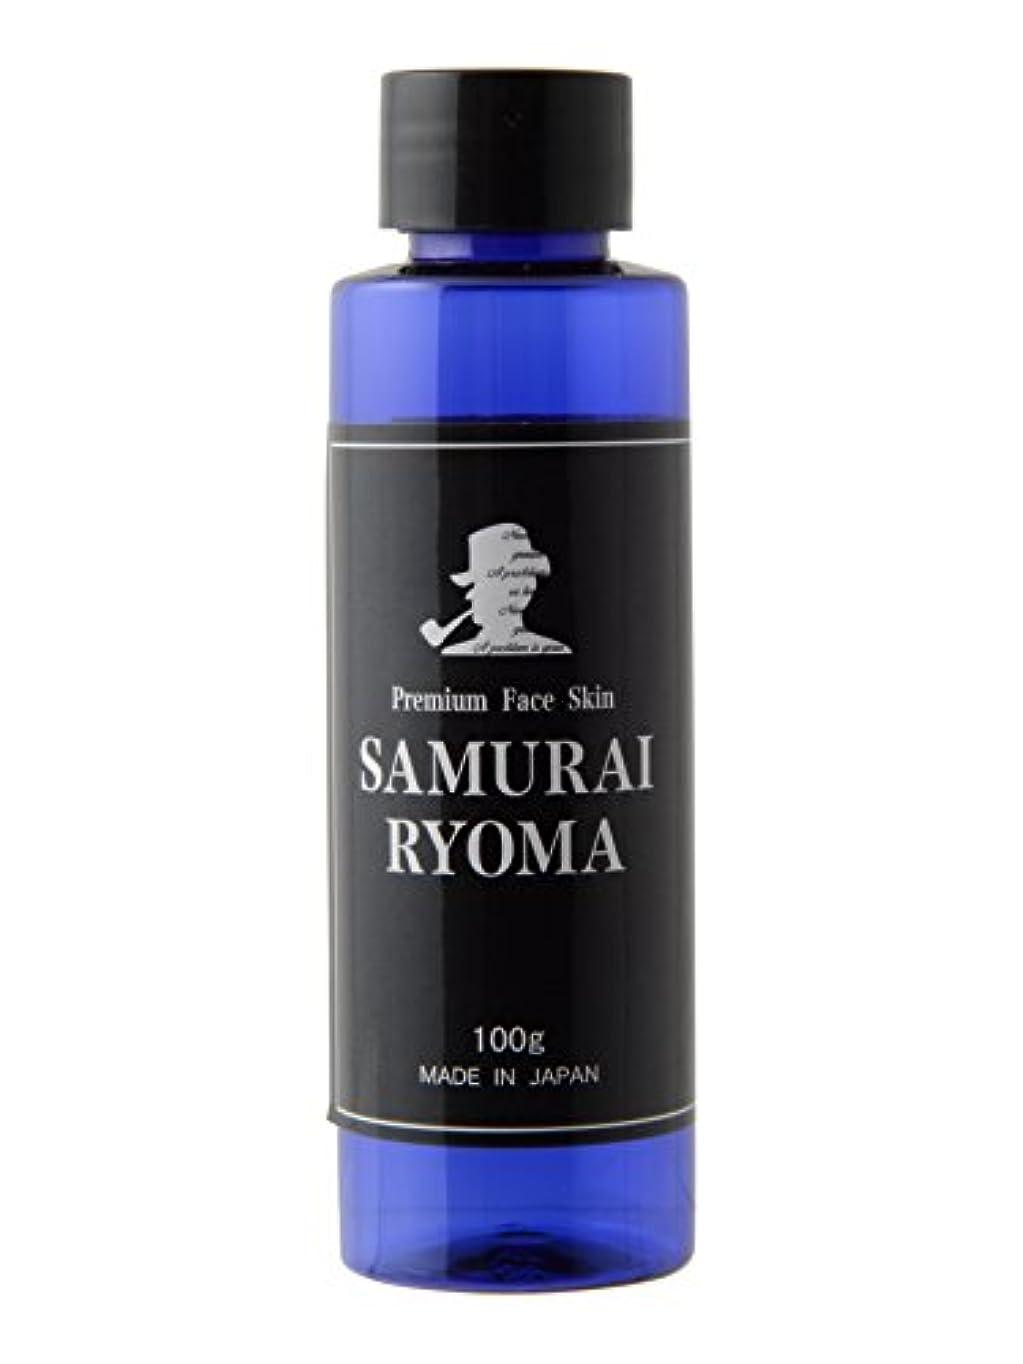 公爵夫人どっちでも吸収するサムライ リョウマ (SAMURAI RYOMA) オールインワン 化粧水 & アフターシェーブローション メンズ スキンケア 男性 用